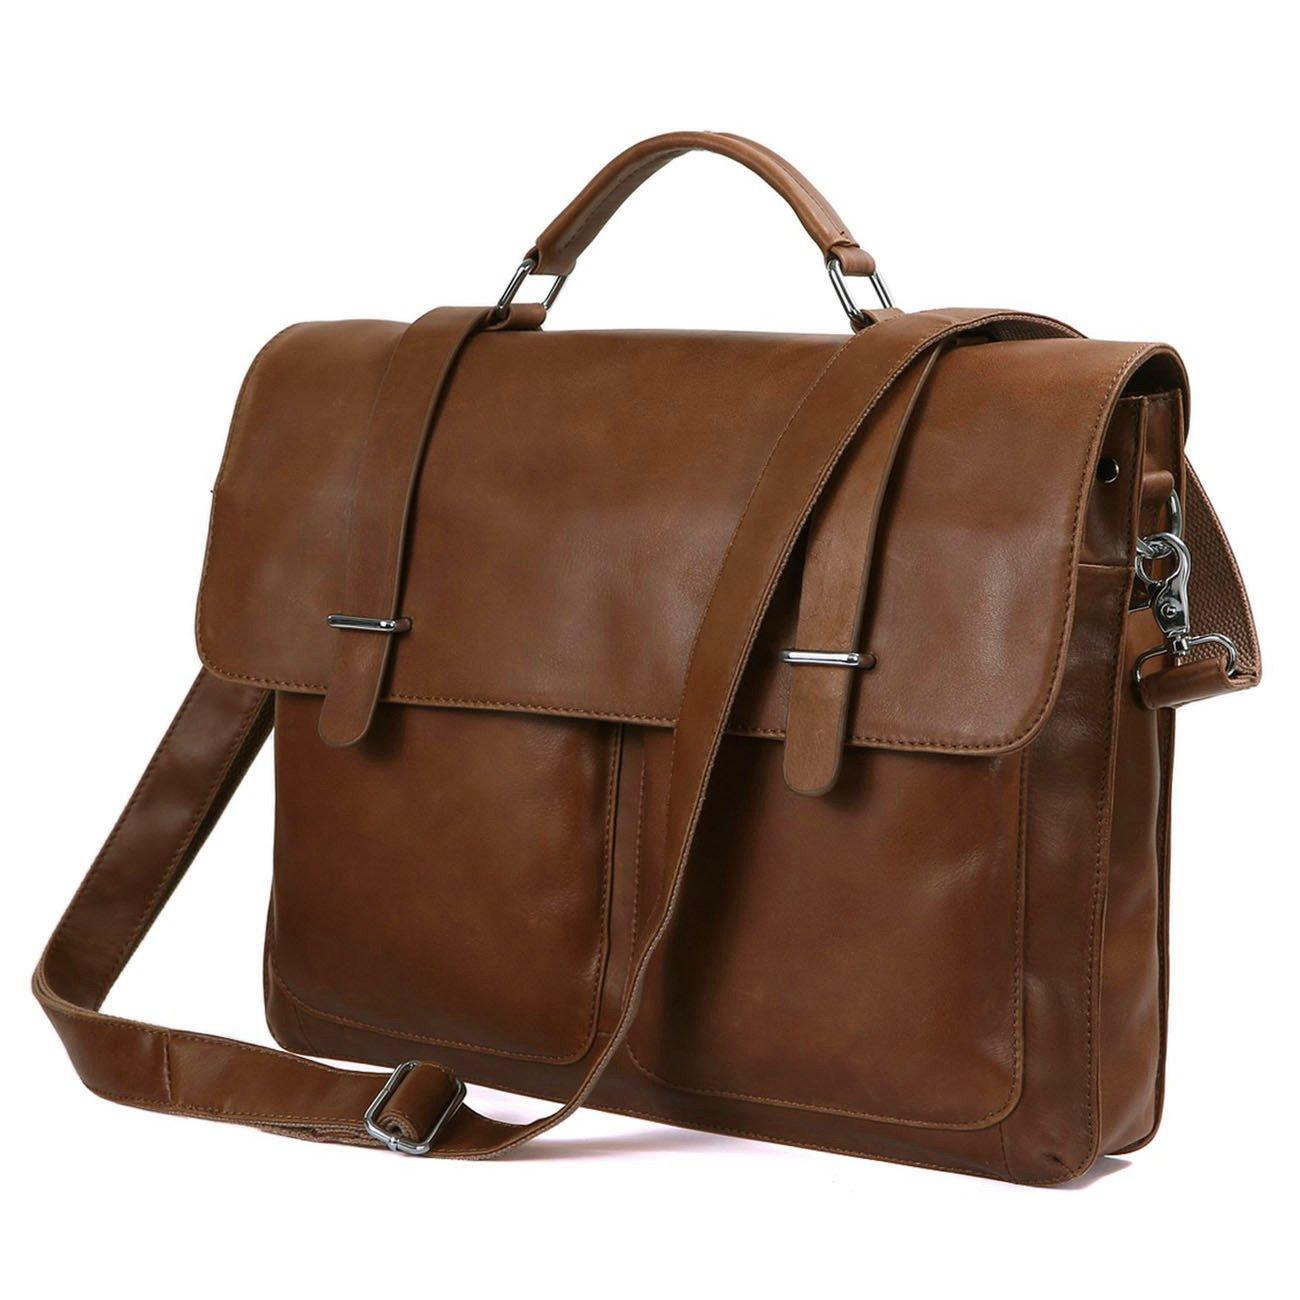 DRF Leather Business Messenger Bag Satchel Briefcase for Men Laptop Office Bag BG-263 (Brown)